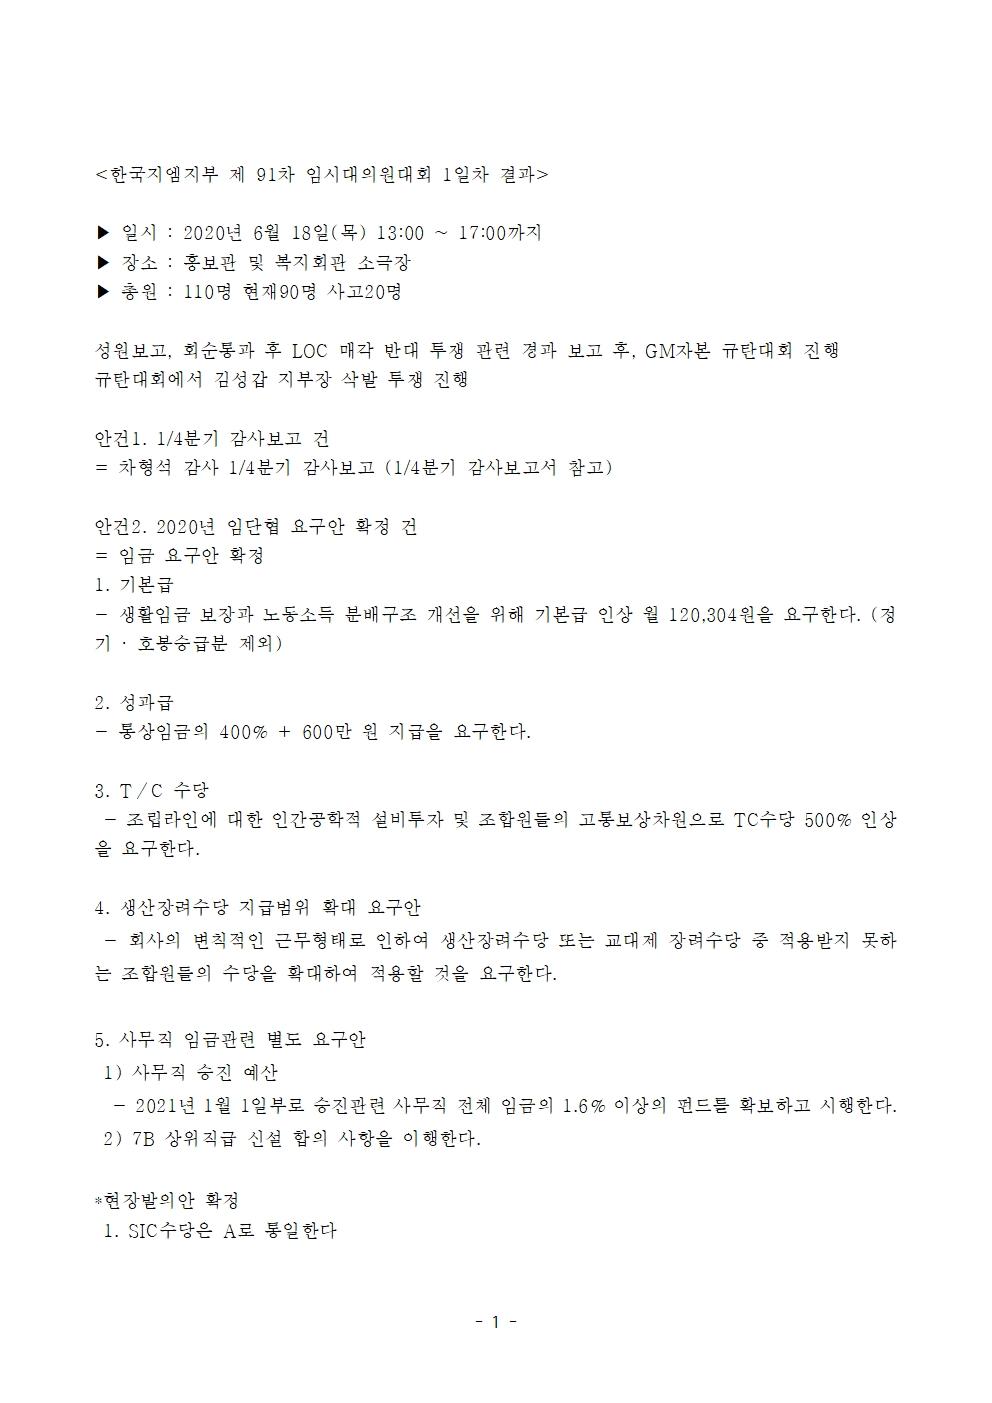 제 91차 임시대의원대회결과 1일차001.jpg